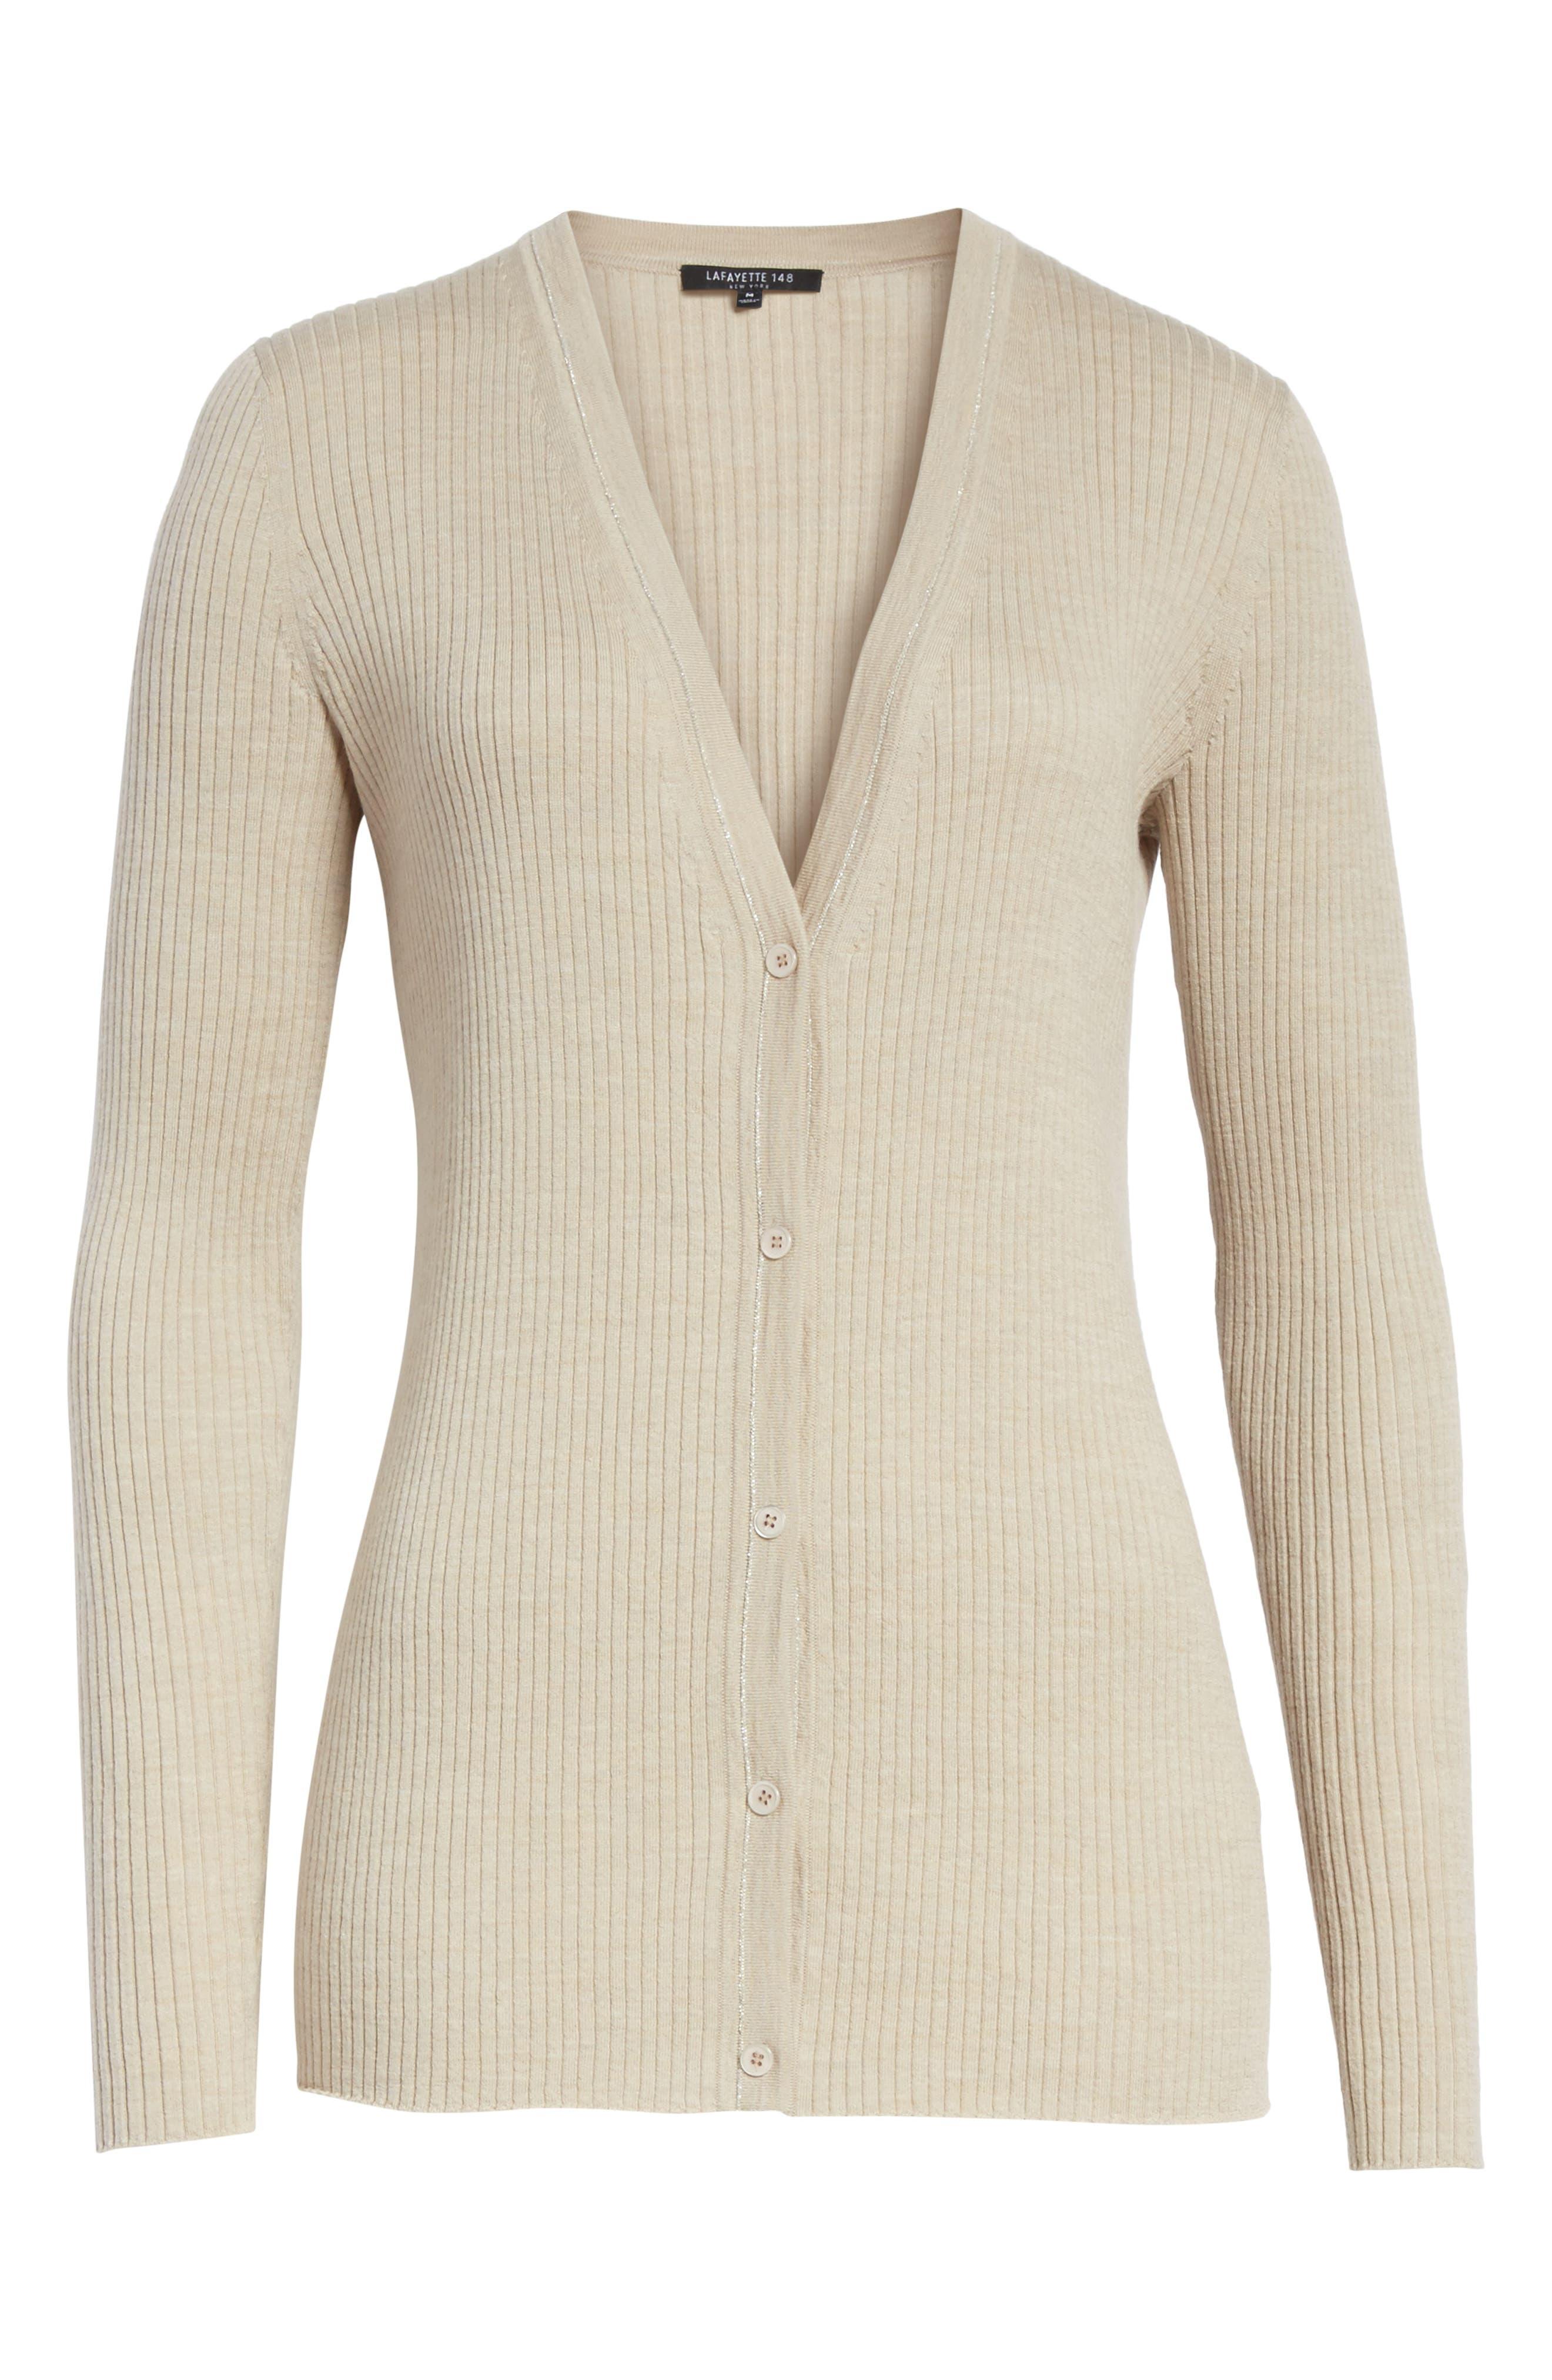 Metallic Wool Modern Ribbed Cardigan,                             Alternate thumbnail 6, color,                             264